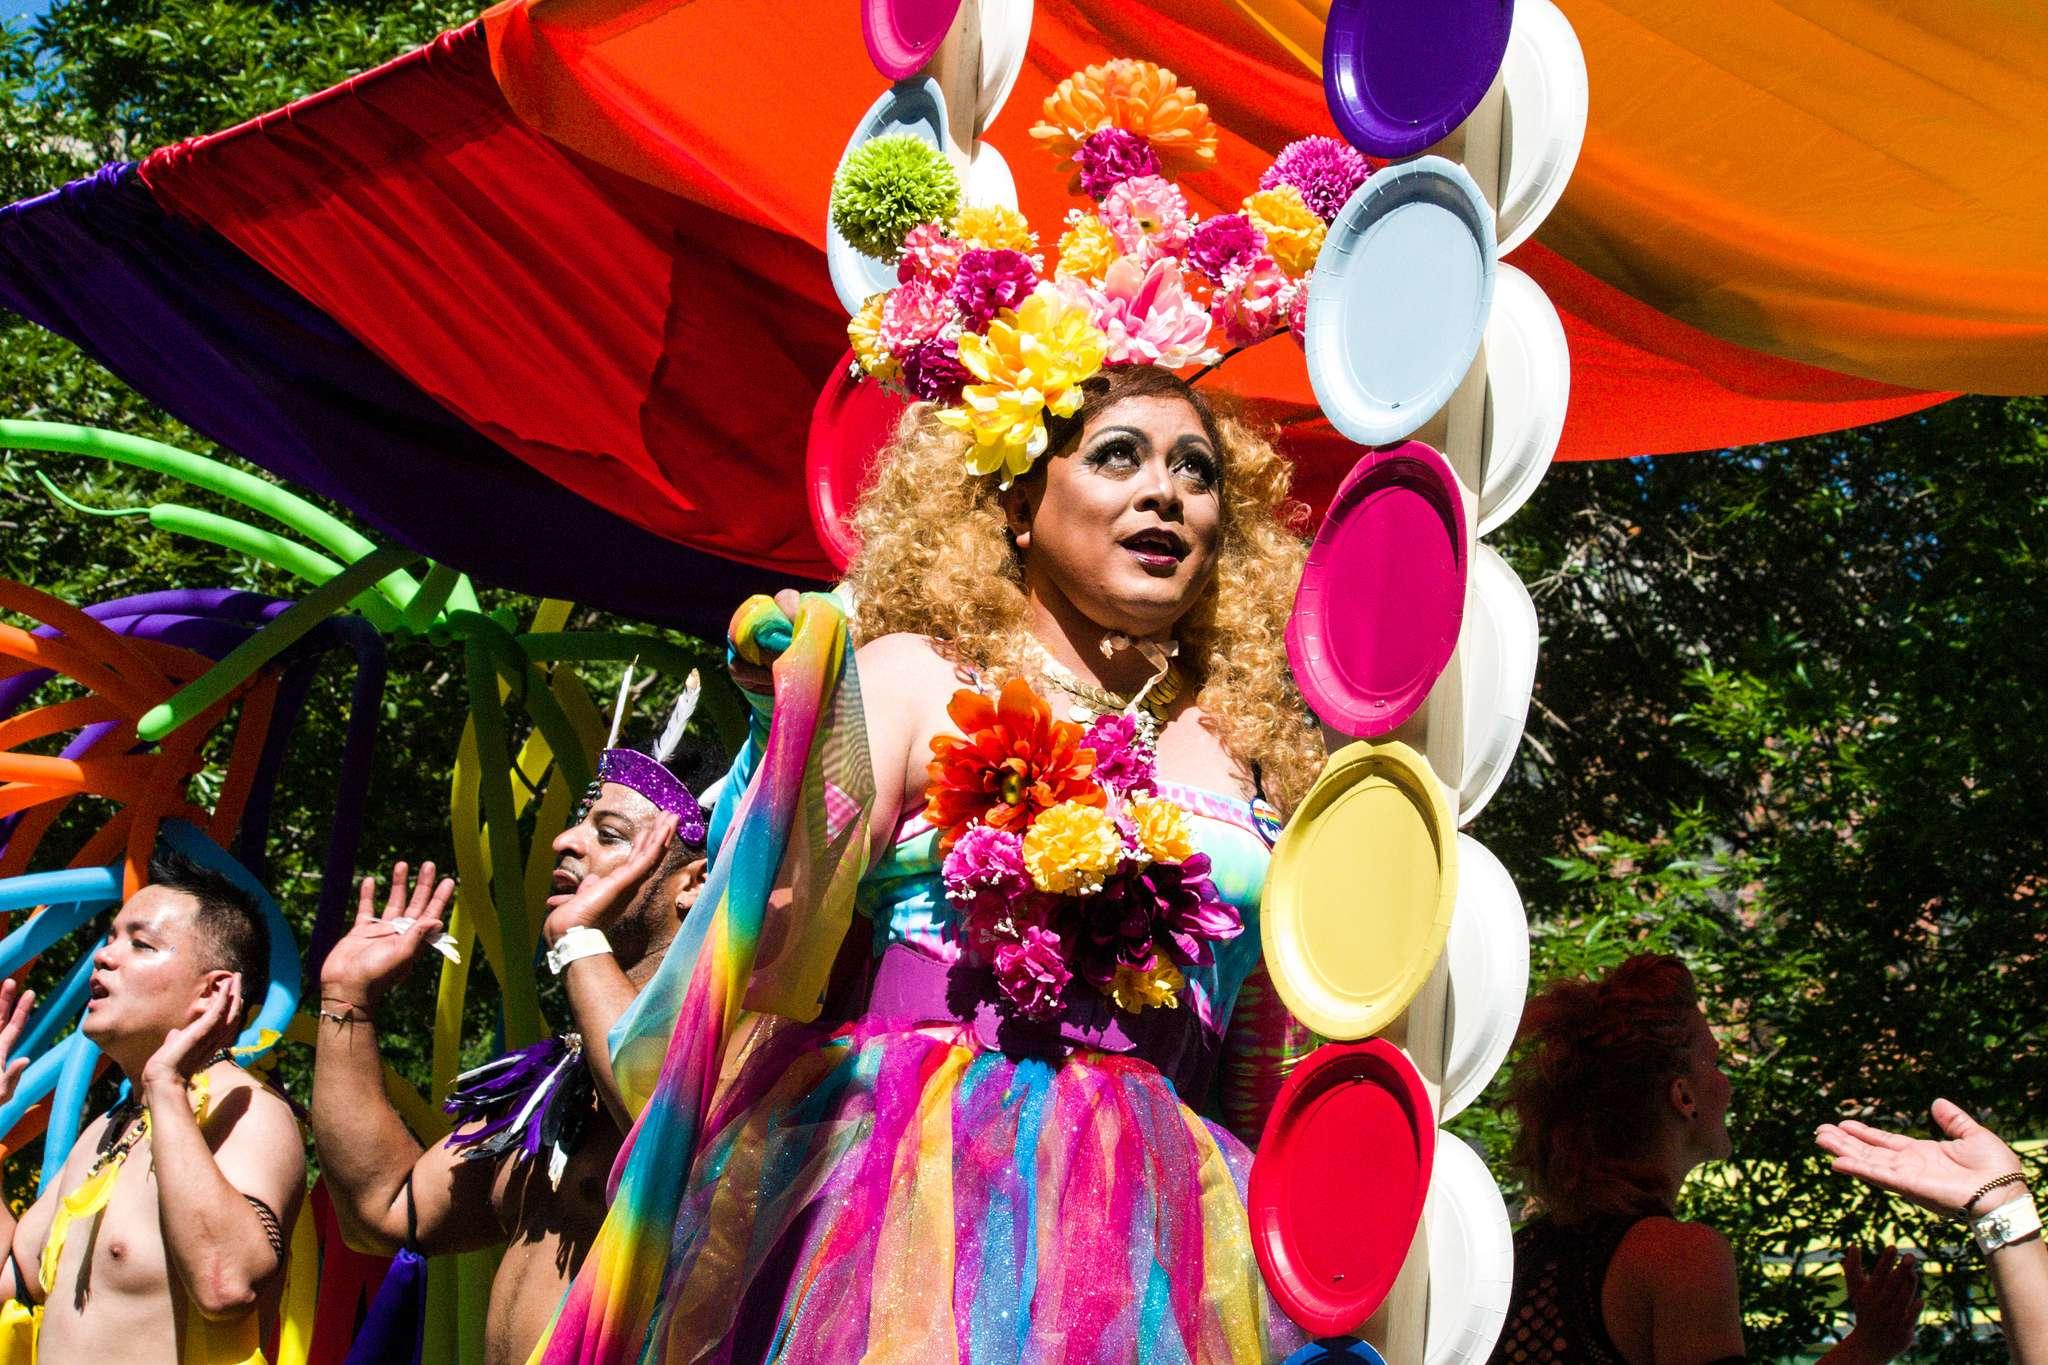 pride parade6 Edmonton Pride Parade 2016